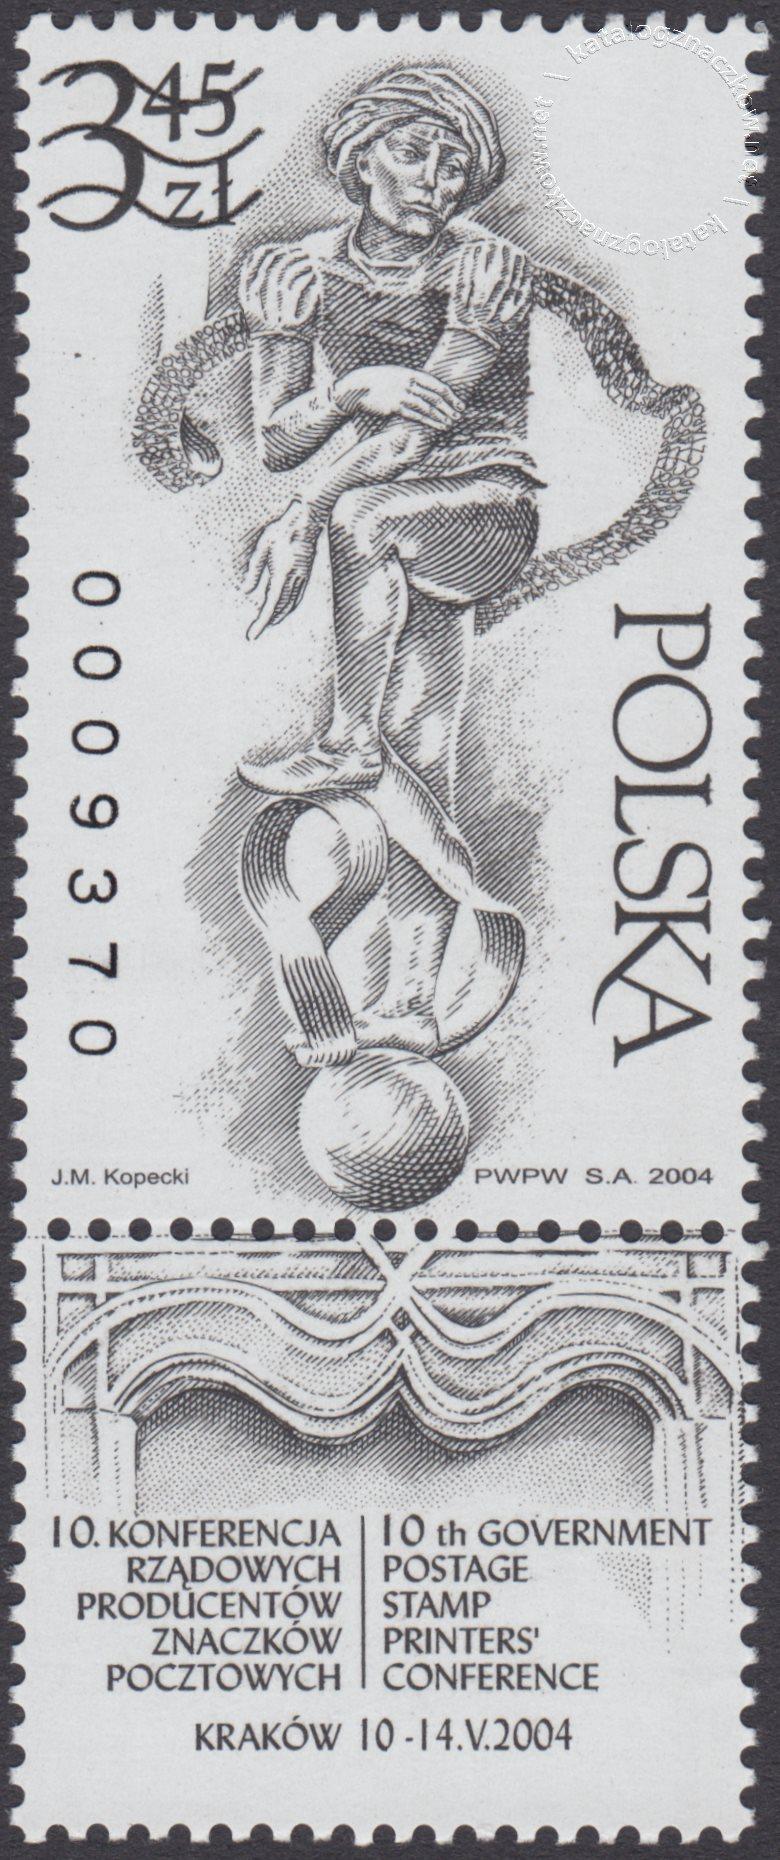 10 Konferencja rządowych producentów znaczków pocztowych – 3957ND